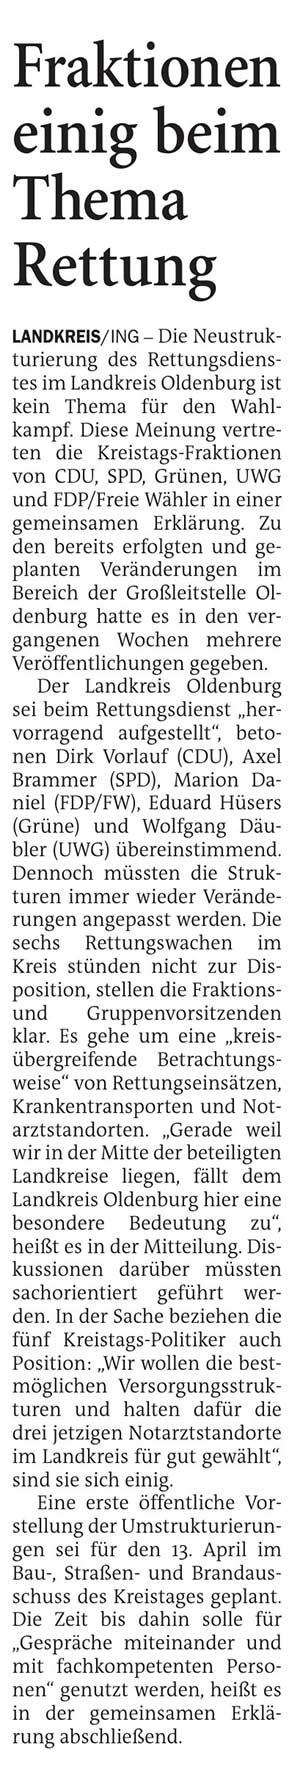 Fraktionen einig beim Thema RettungLandkreis // Die Neustrukturierung des Rettungsdienstes im Landkreis Oldenburg...Artikel vom 18.03.2021 (NWZ)